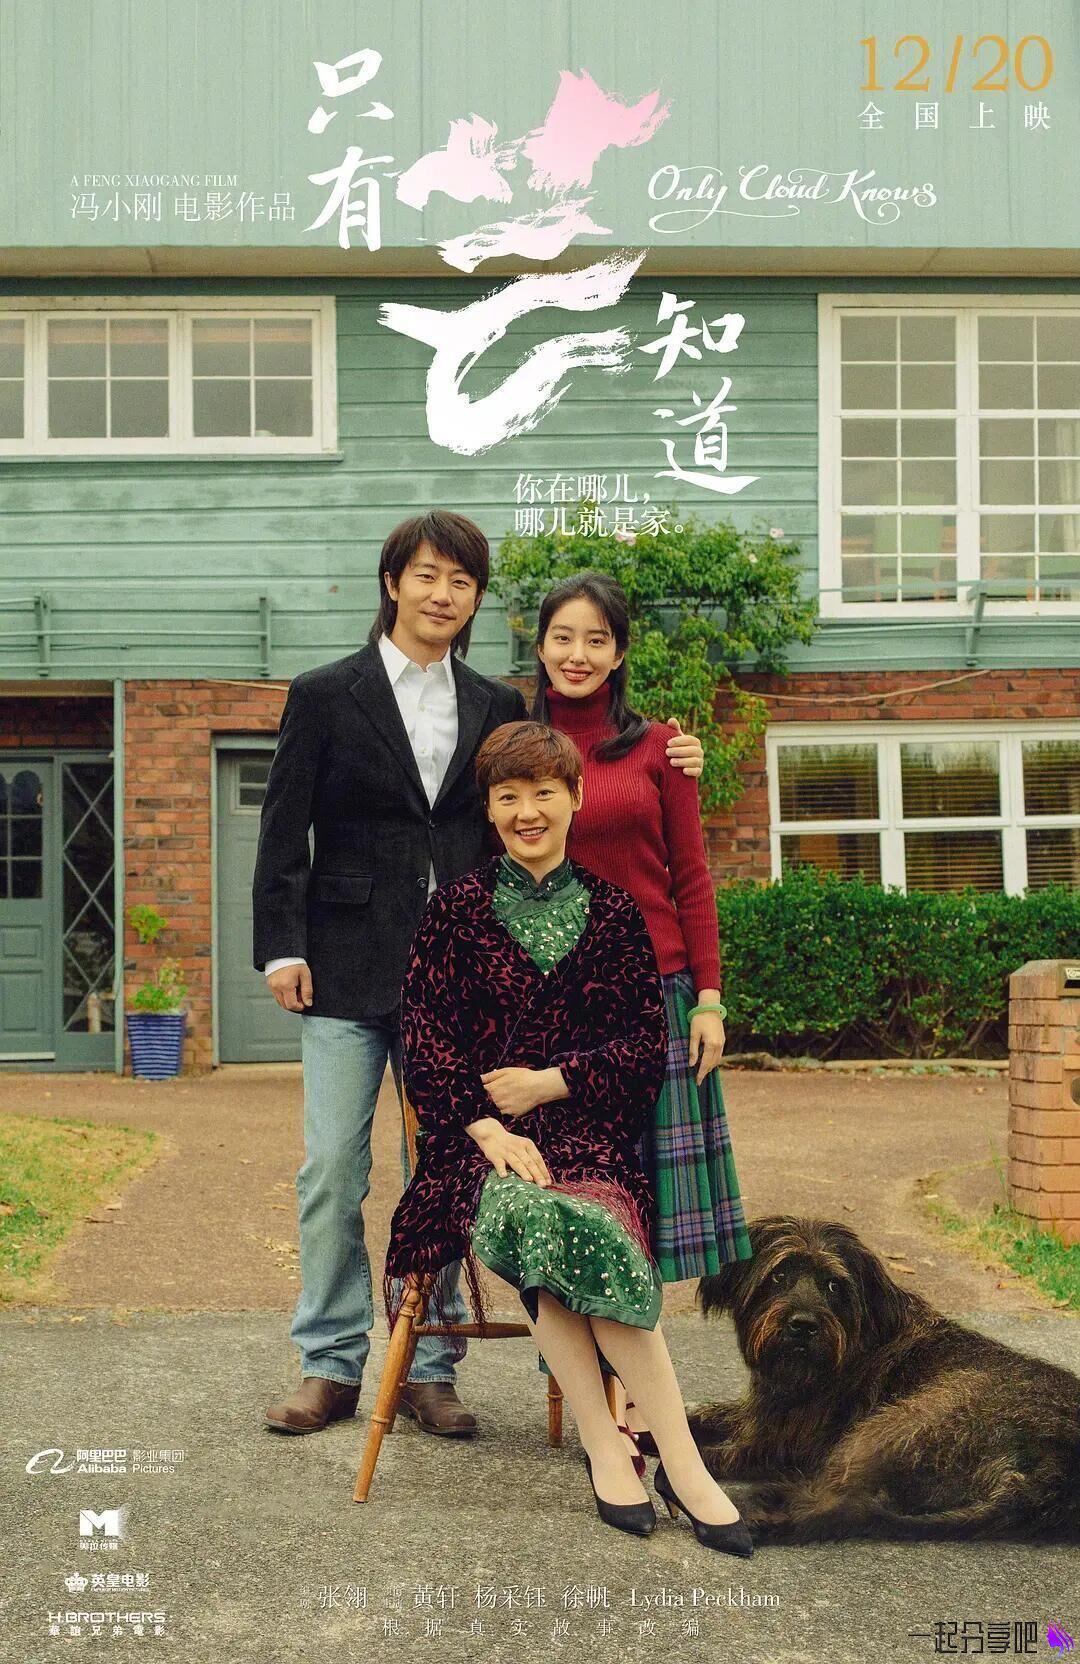 2019年剧情电影《只有芸知道》HD国语中字版 第1张